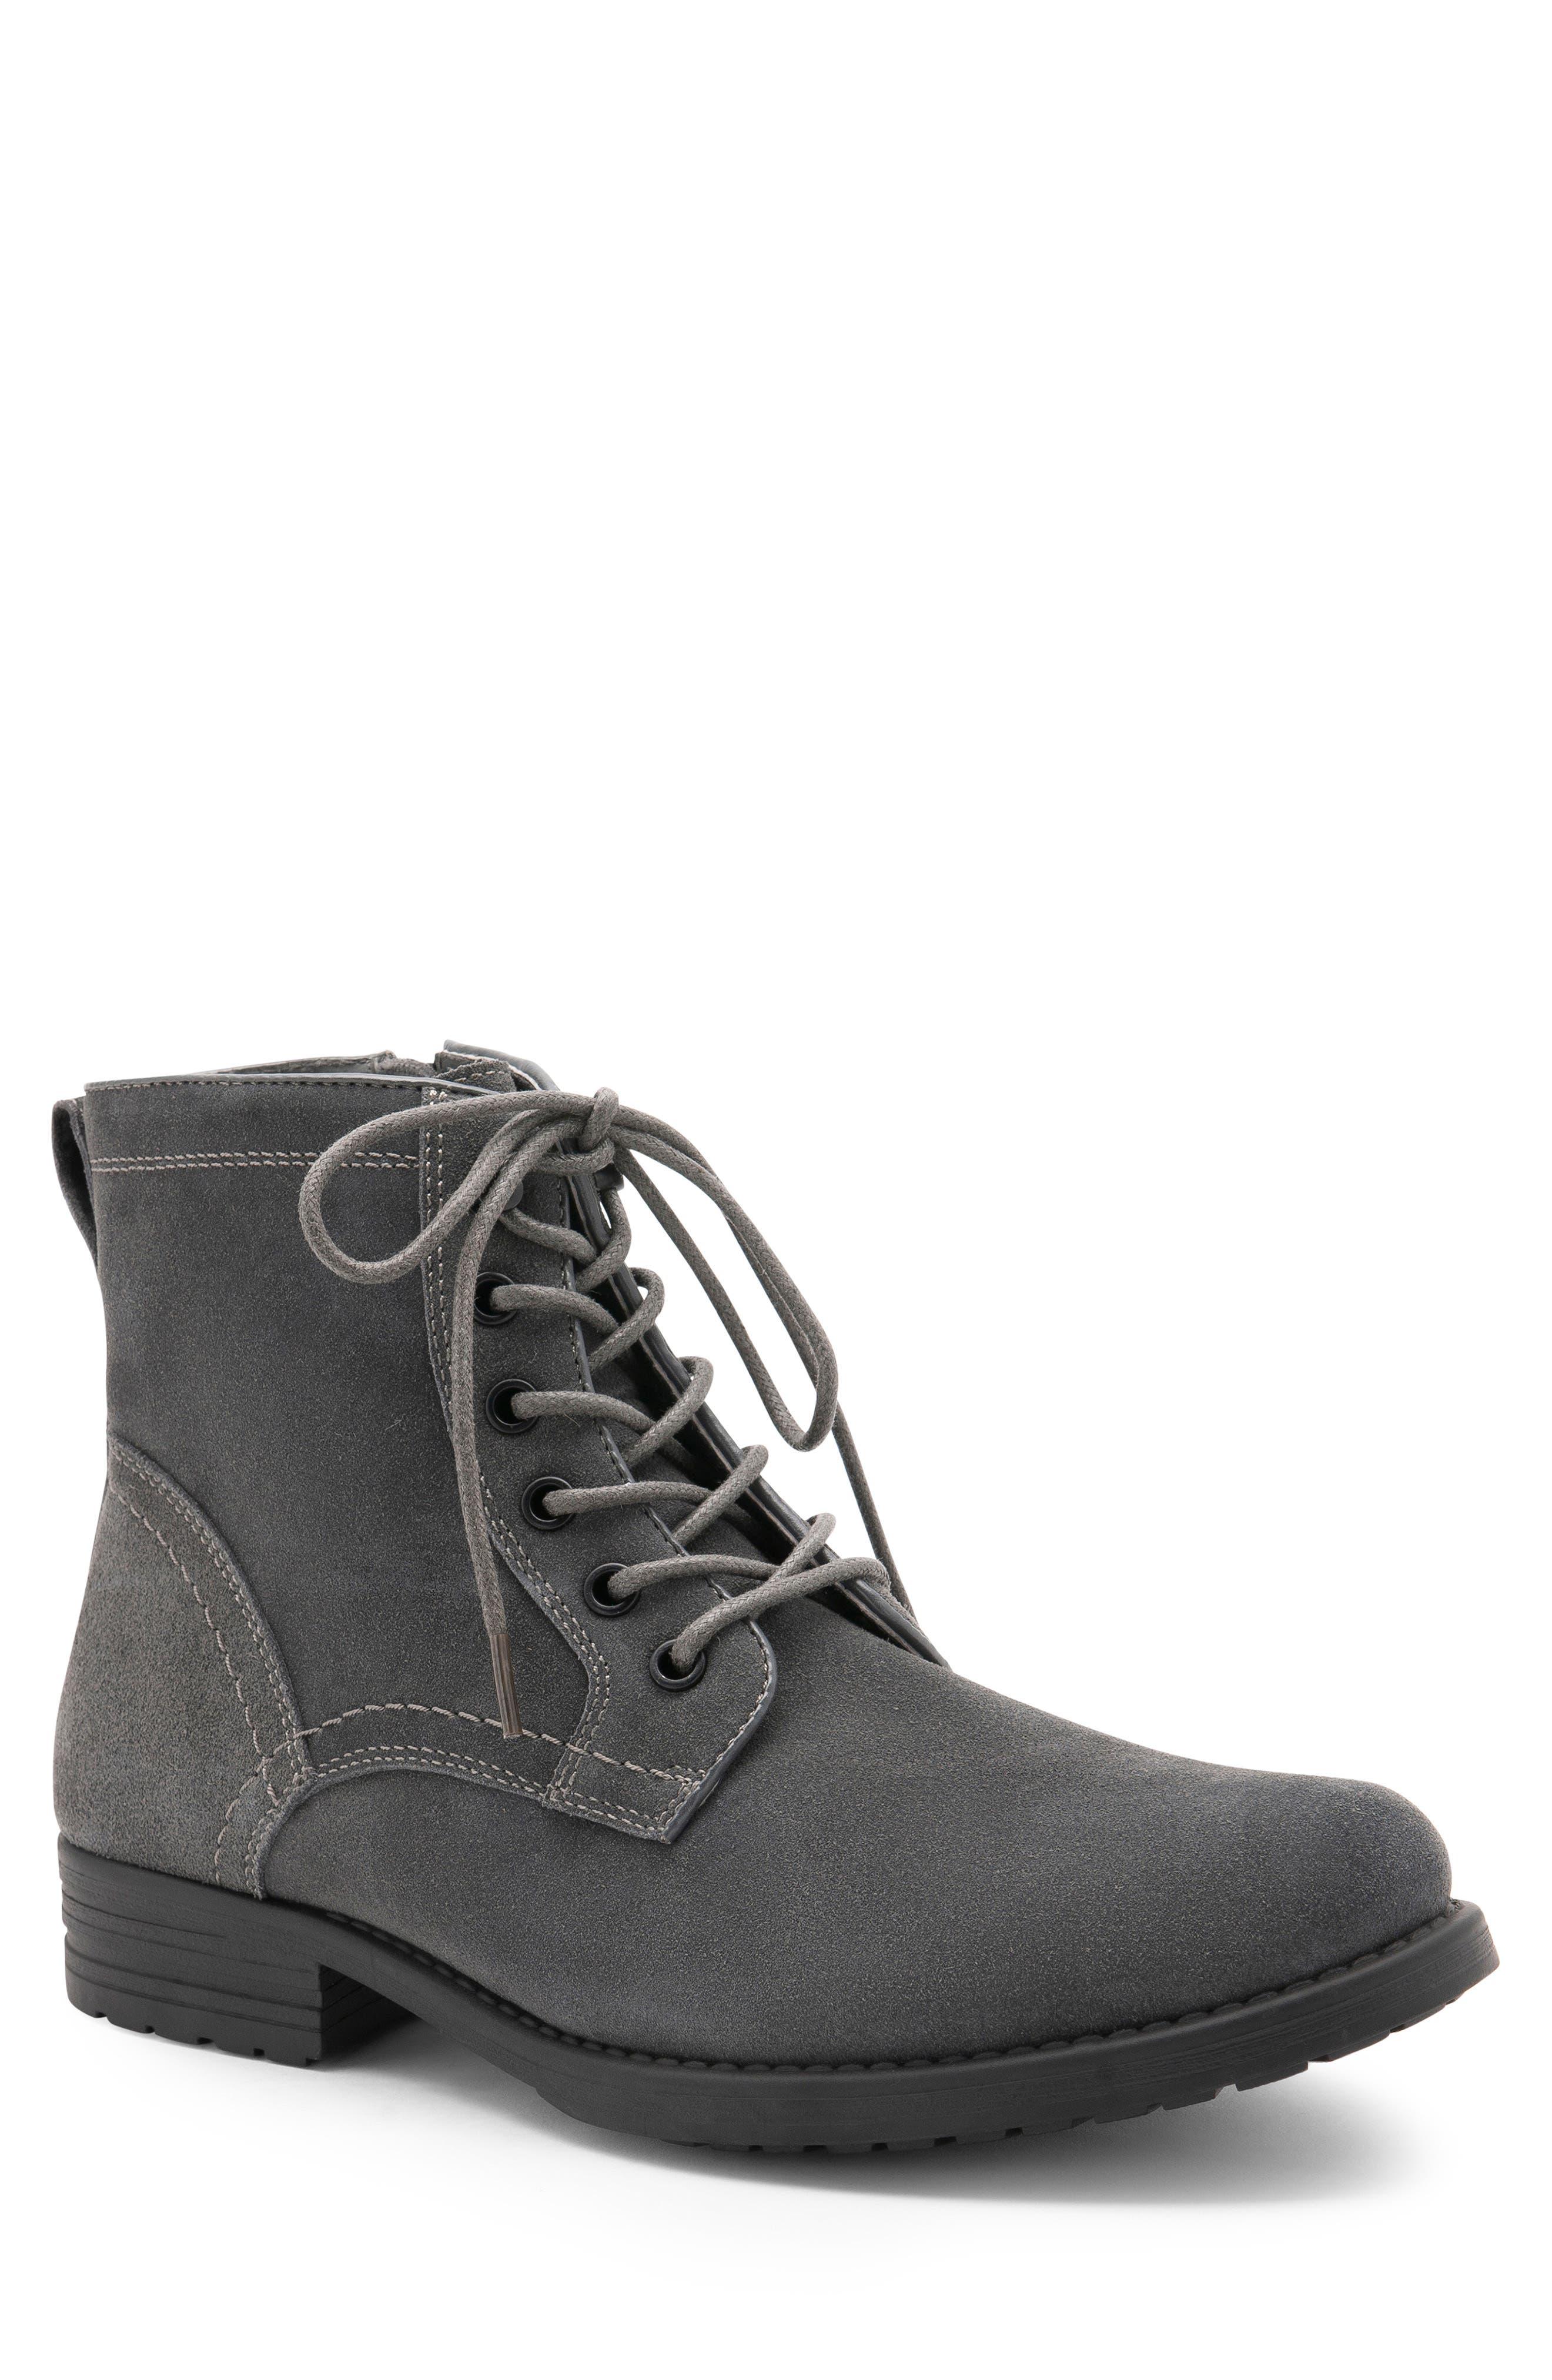 Blondo Peter Waterproof Plain Toe Boot, Grey